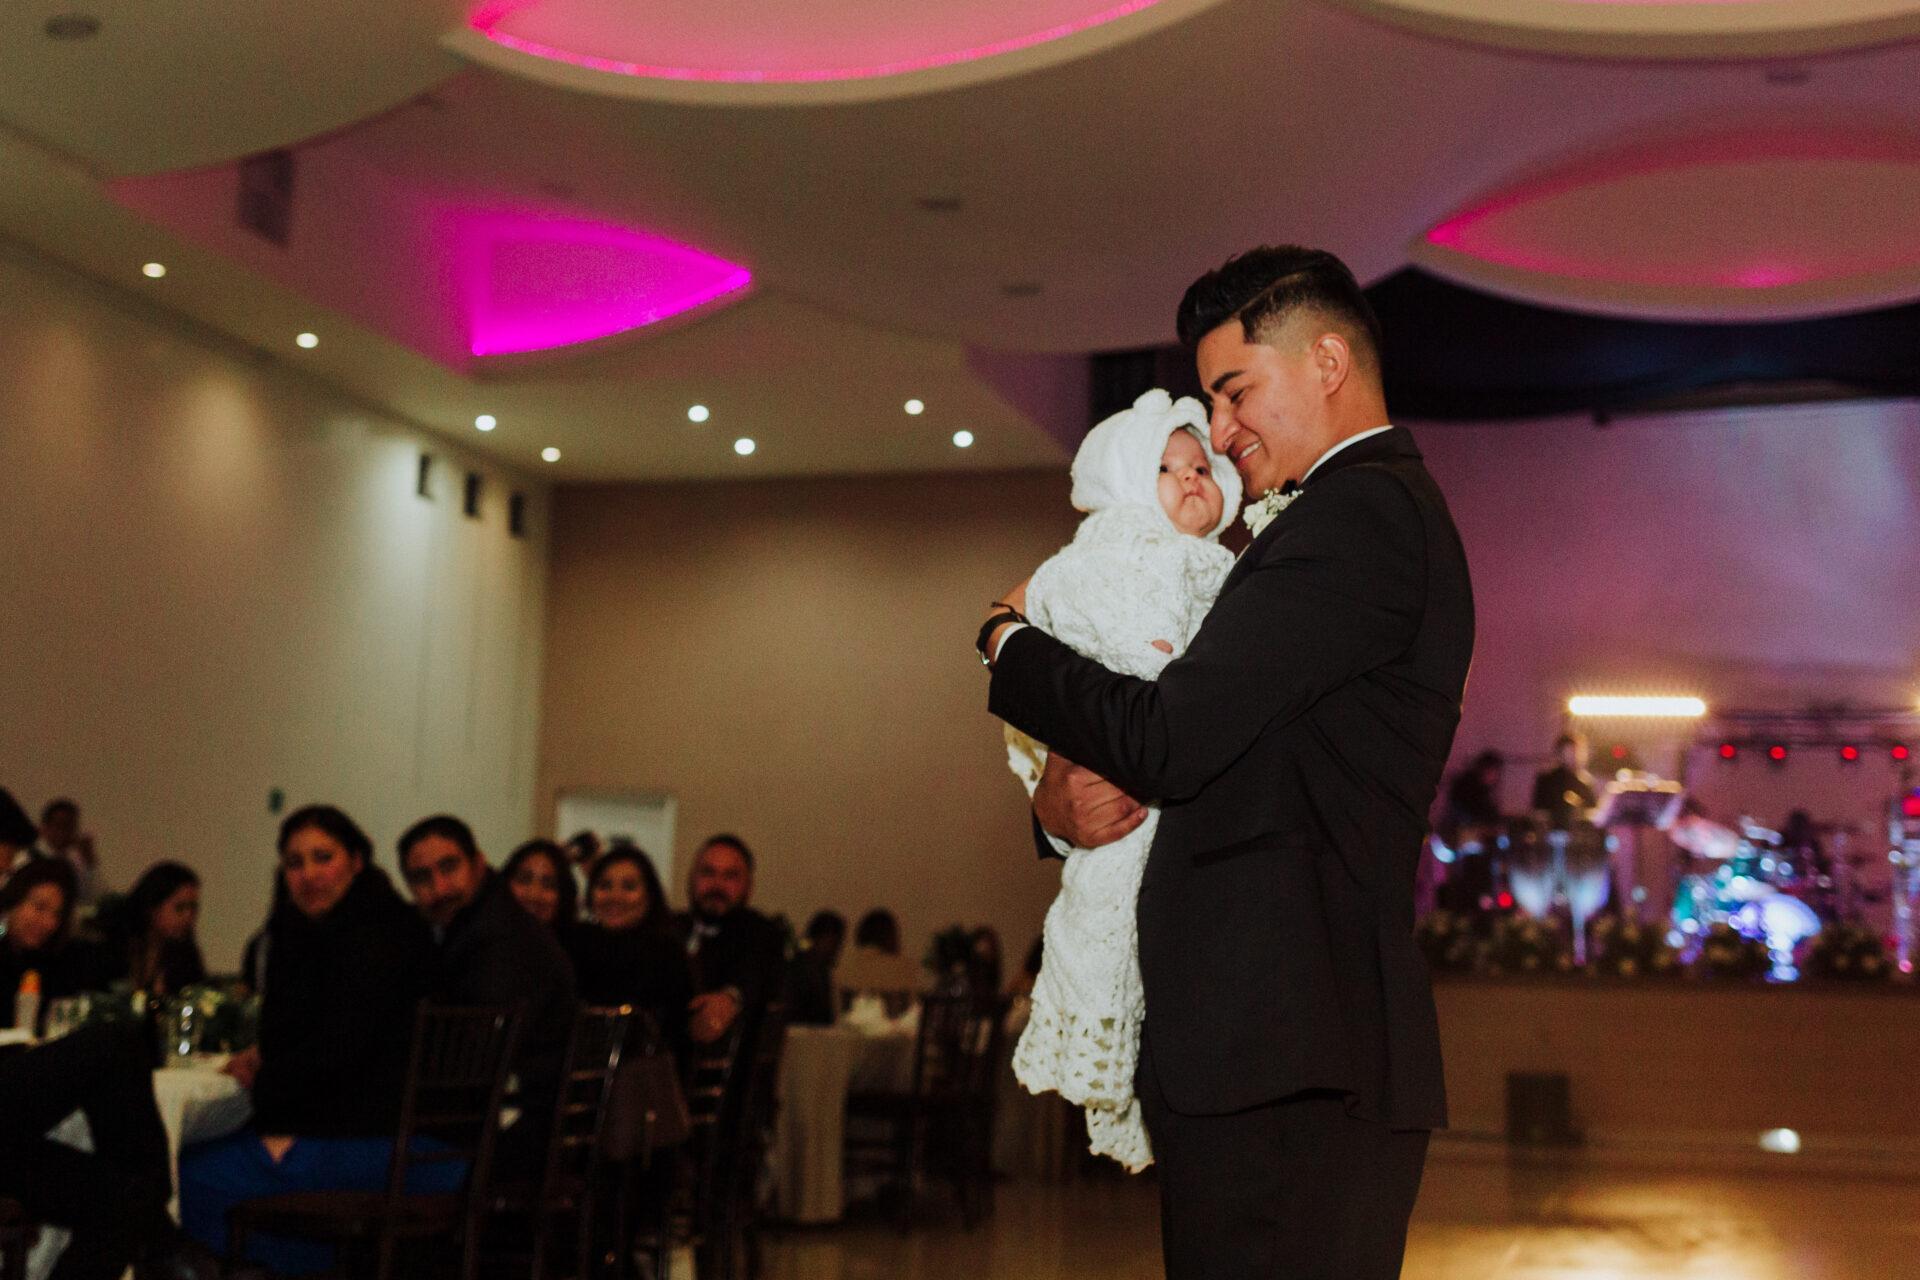 javier_noriega_fotografo_Boda_san_ramon_zacatecas_wedding_photographer25